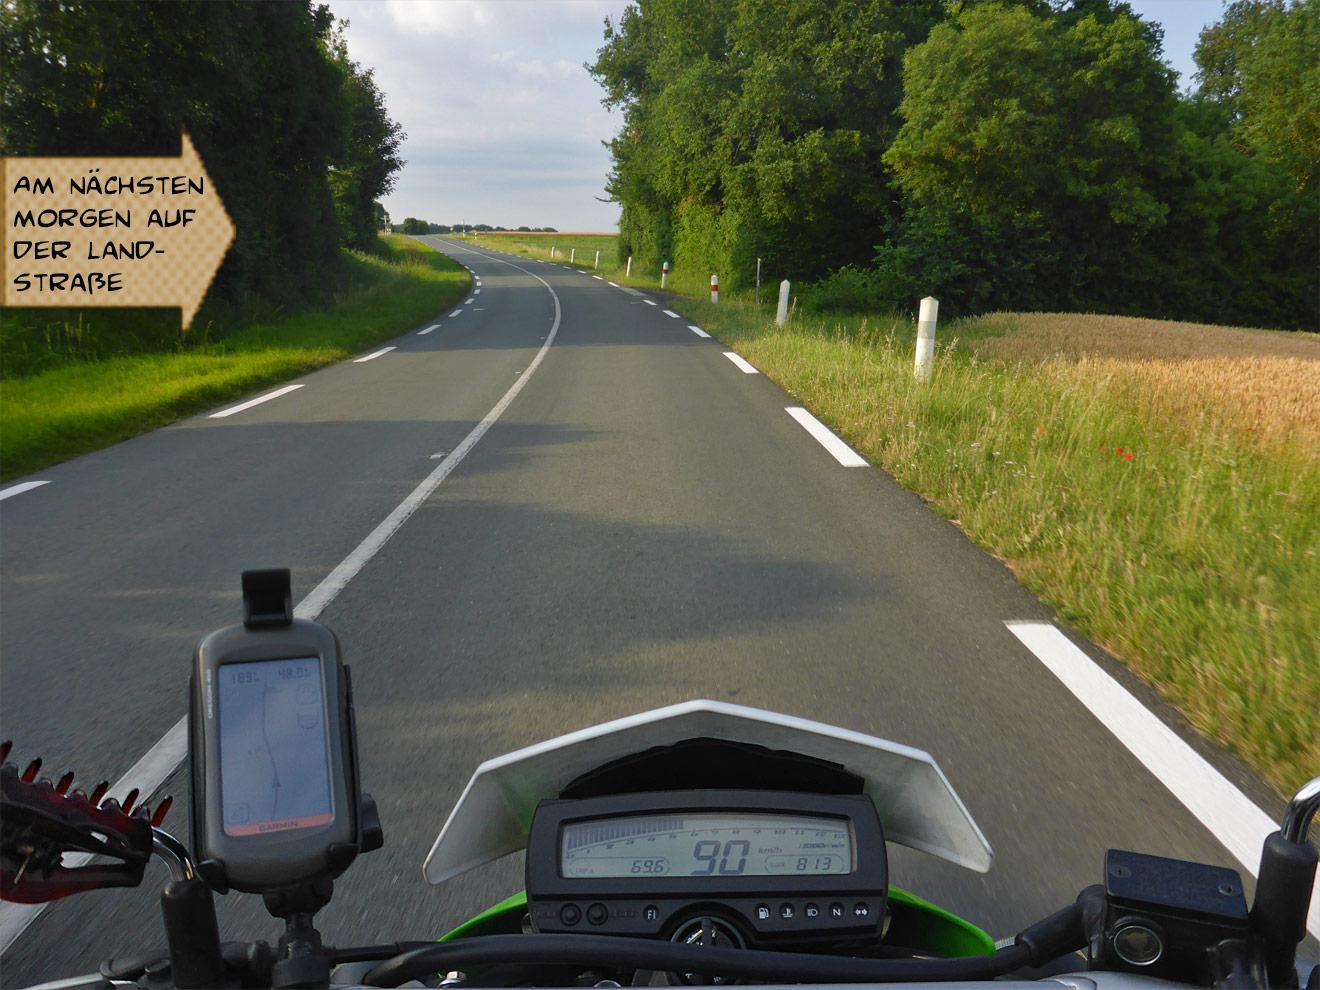 Motorrad auf der Landstraße